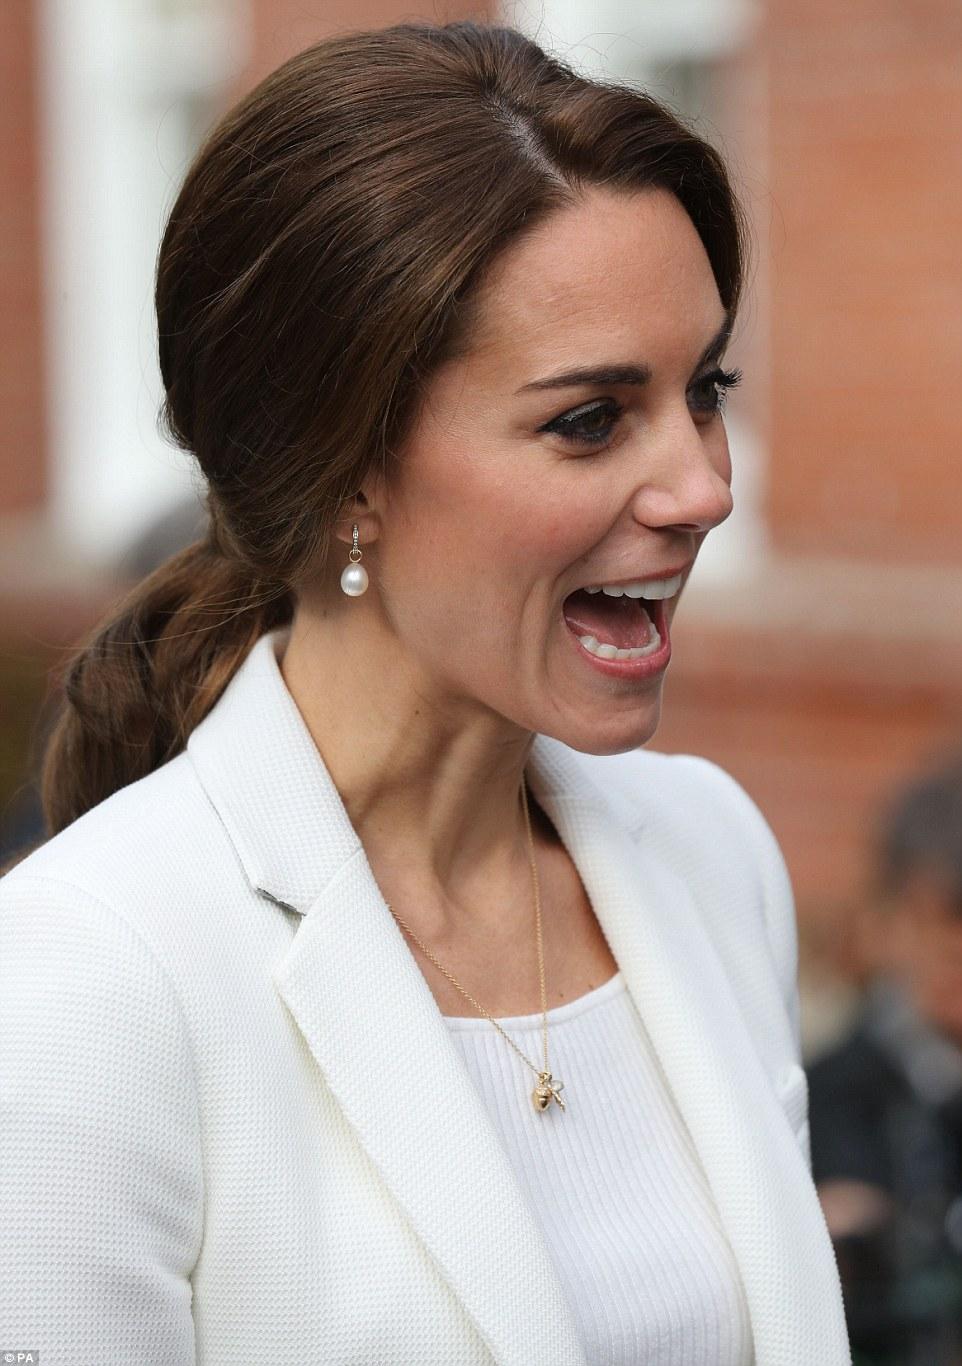 Đúng là đẳng cấp Hoàng hậu tương lai, chỉ riêng chuyện buộc tóc của Công nương Kate cũng khiến dân tình trầm trồ - Ảnh 3.